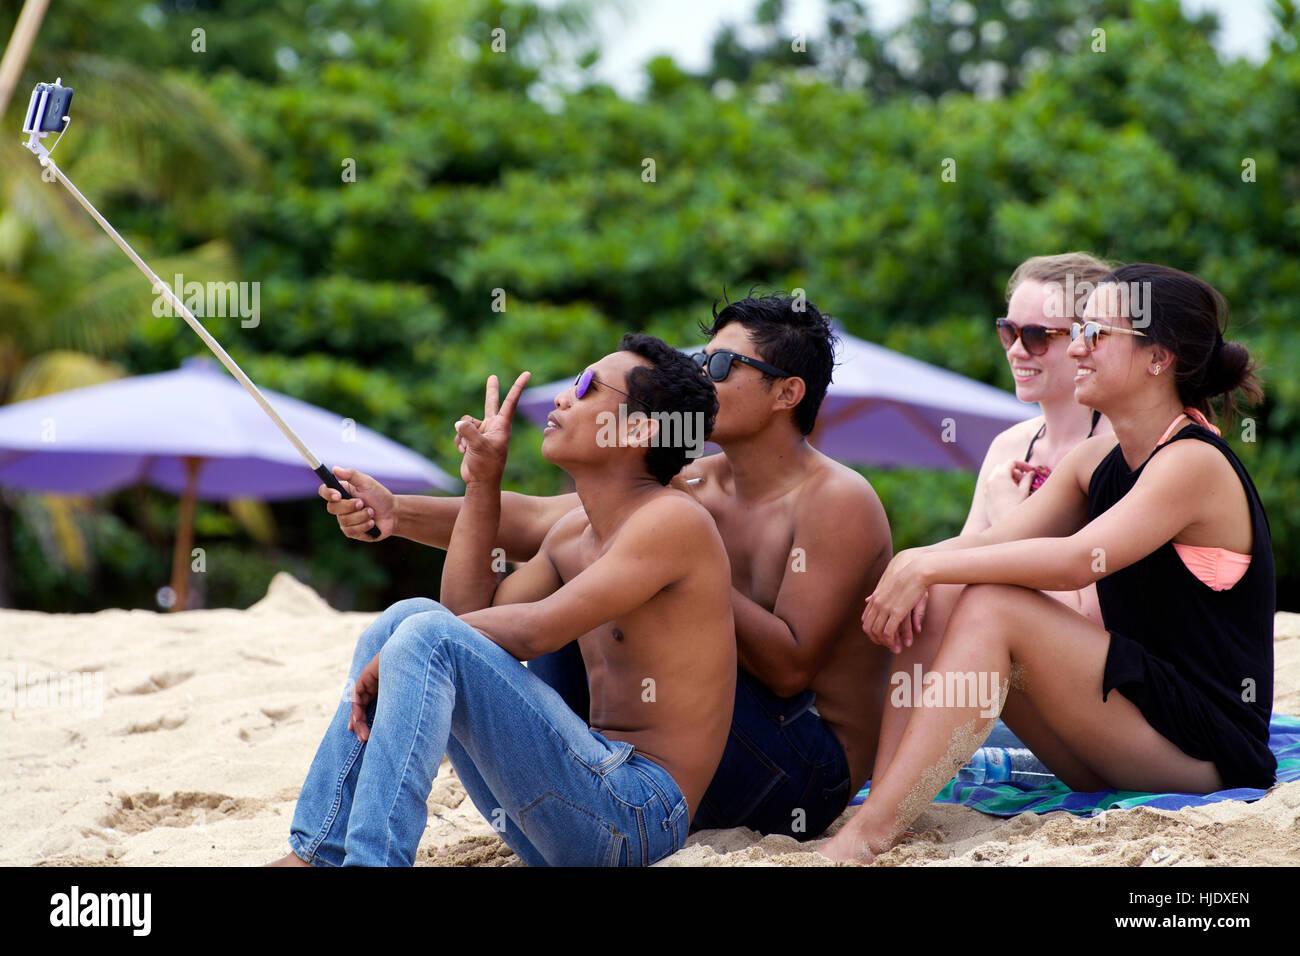 Freundliche Gruppe von jungen balinesische Männer posieren für Selfie Fotos mit ein paar jungen westlichen Stockbild